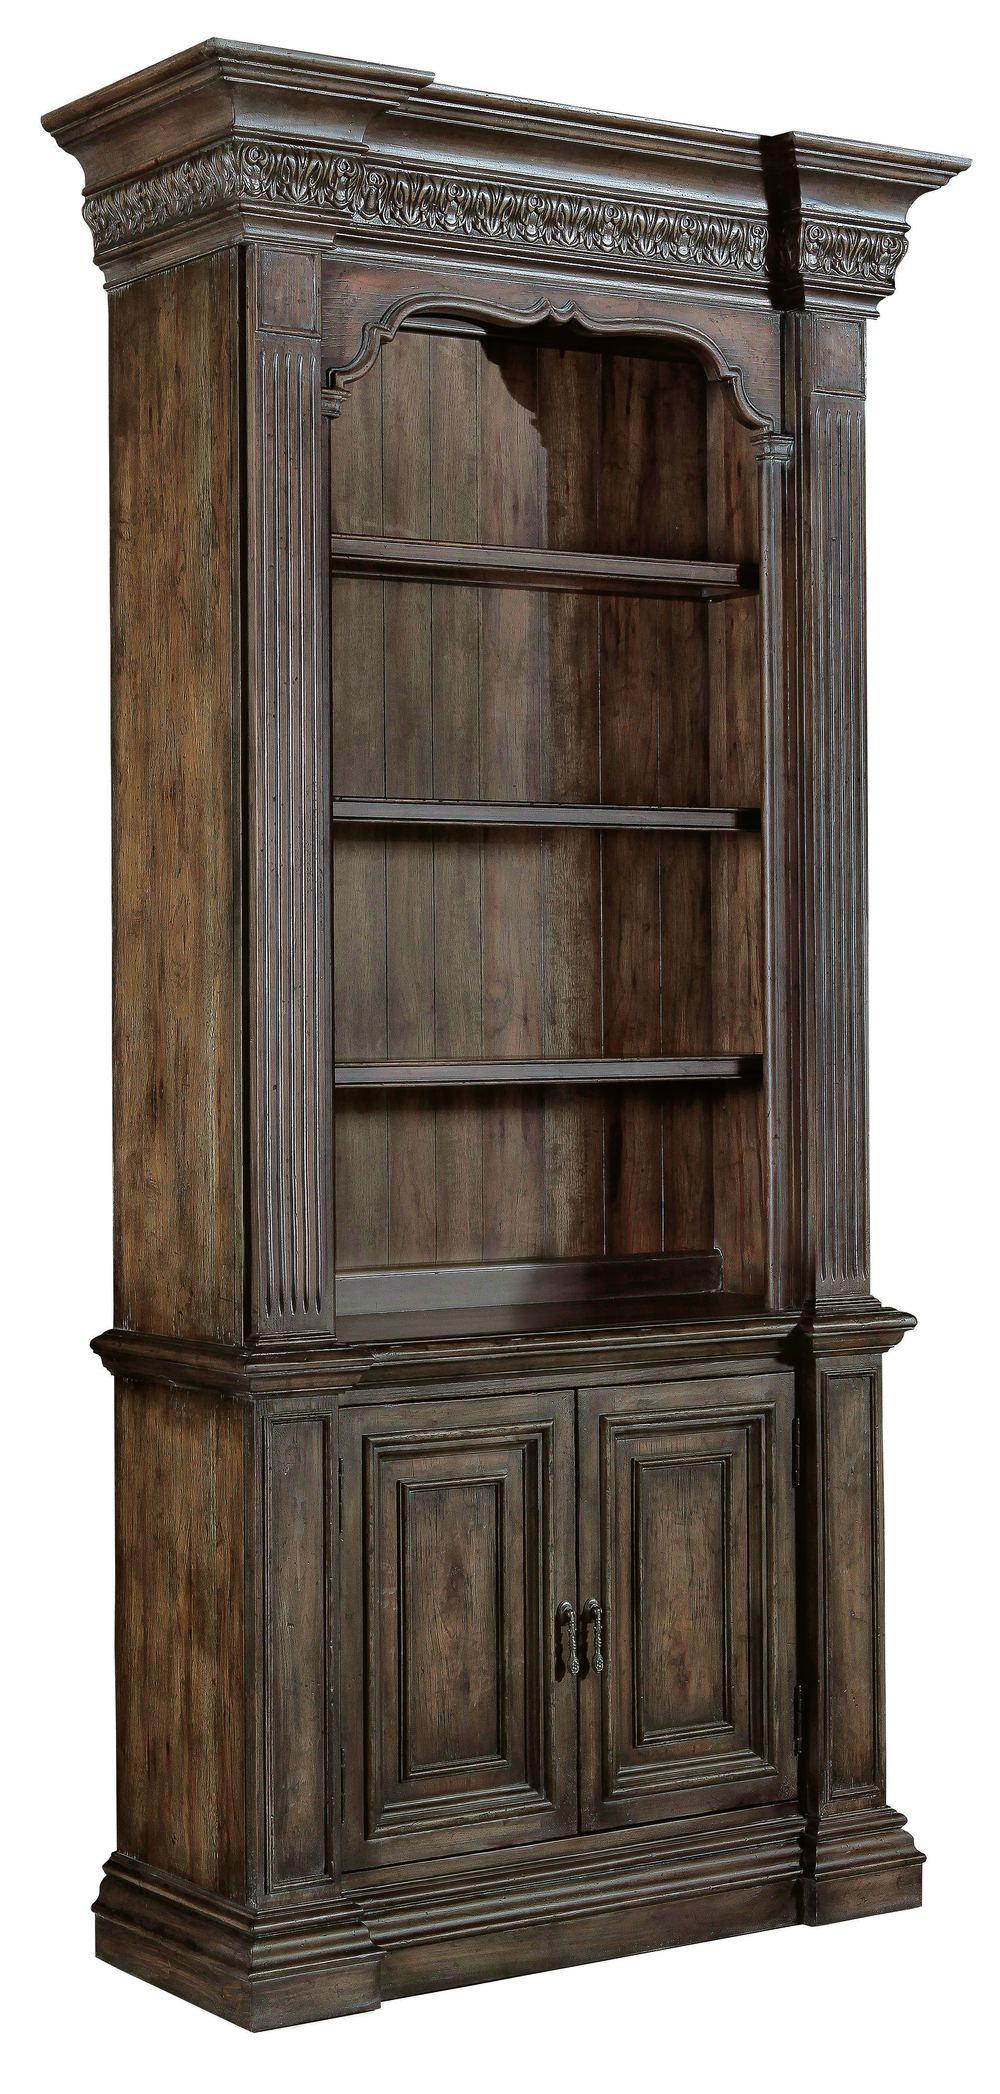 Hooker Furniture - Rhapsody Bookcase